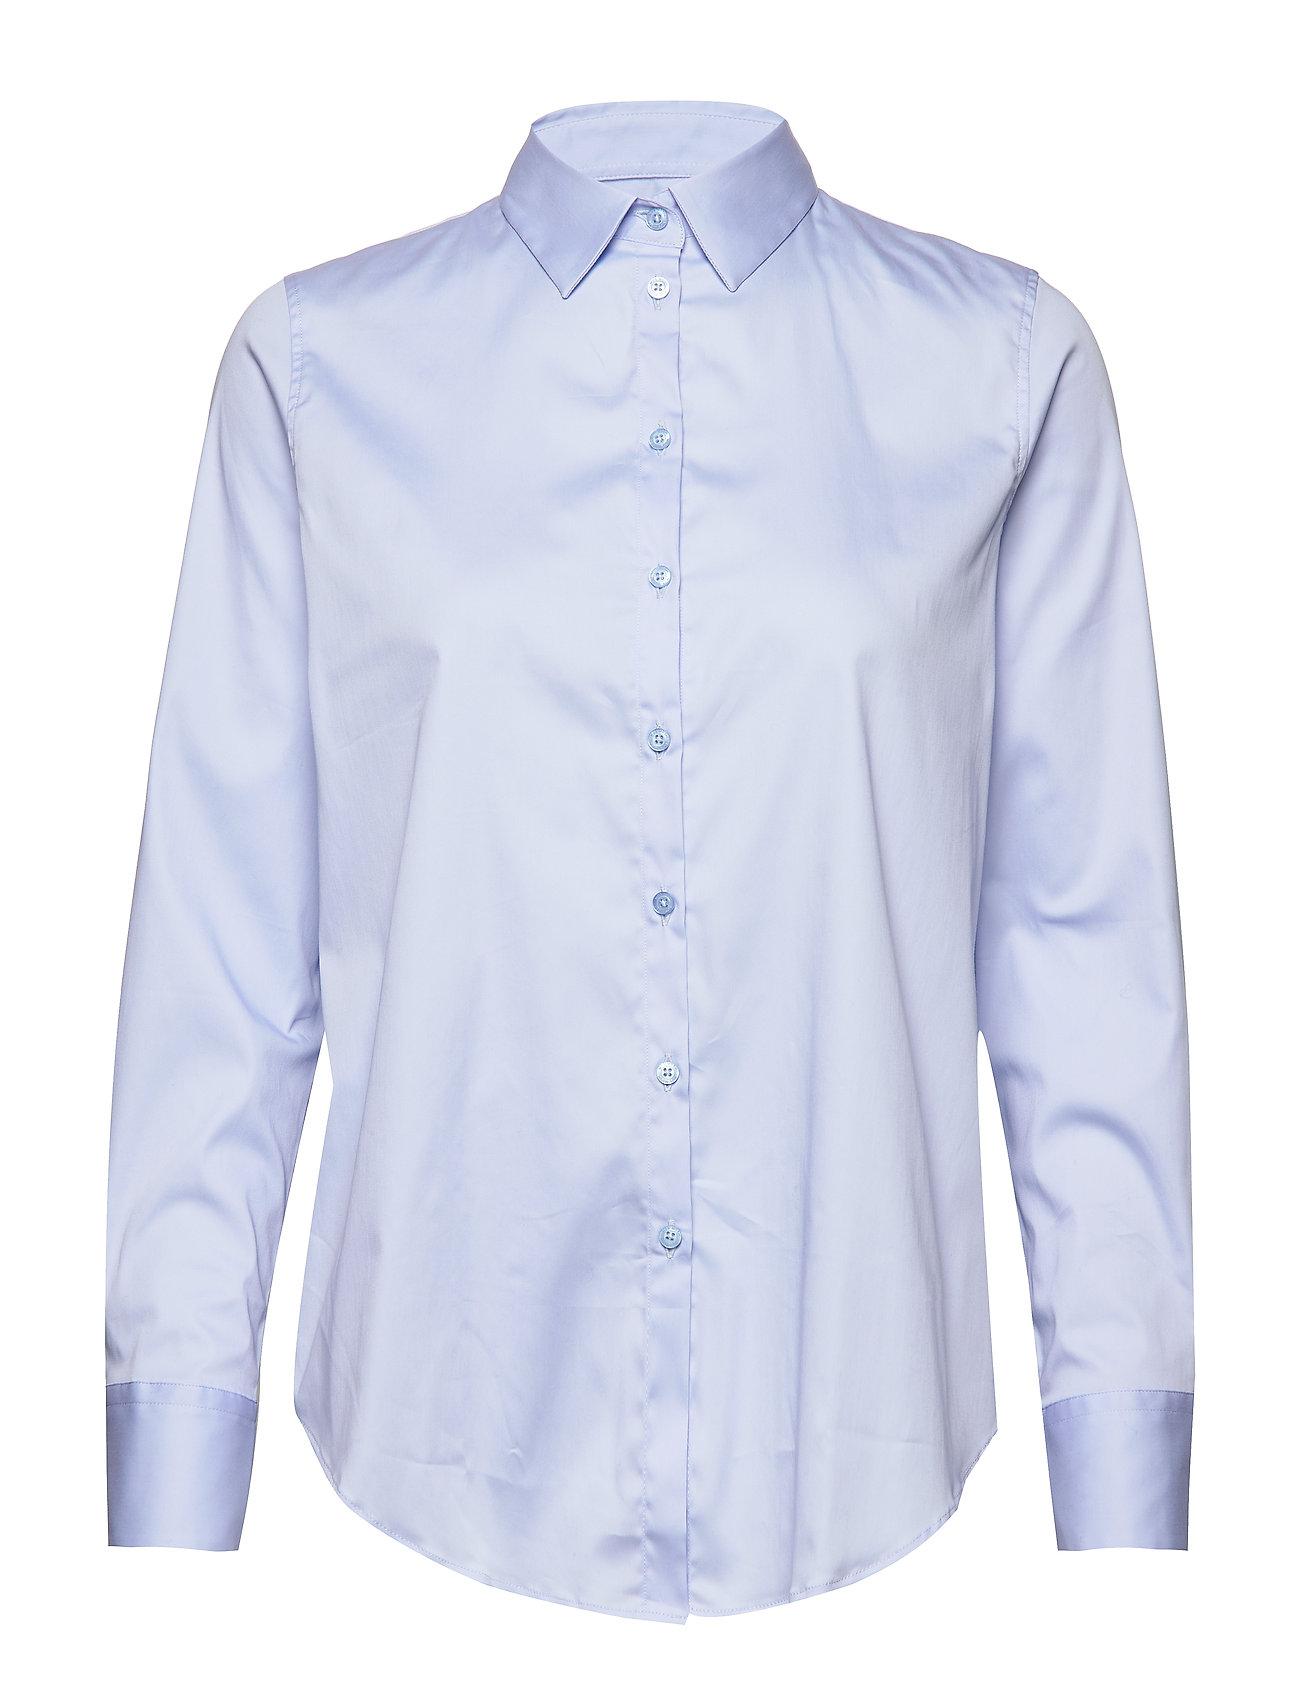 MOS MOSH Martina Shirt - LIGHT BLUE